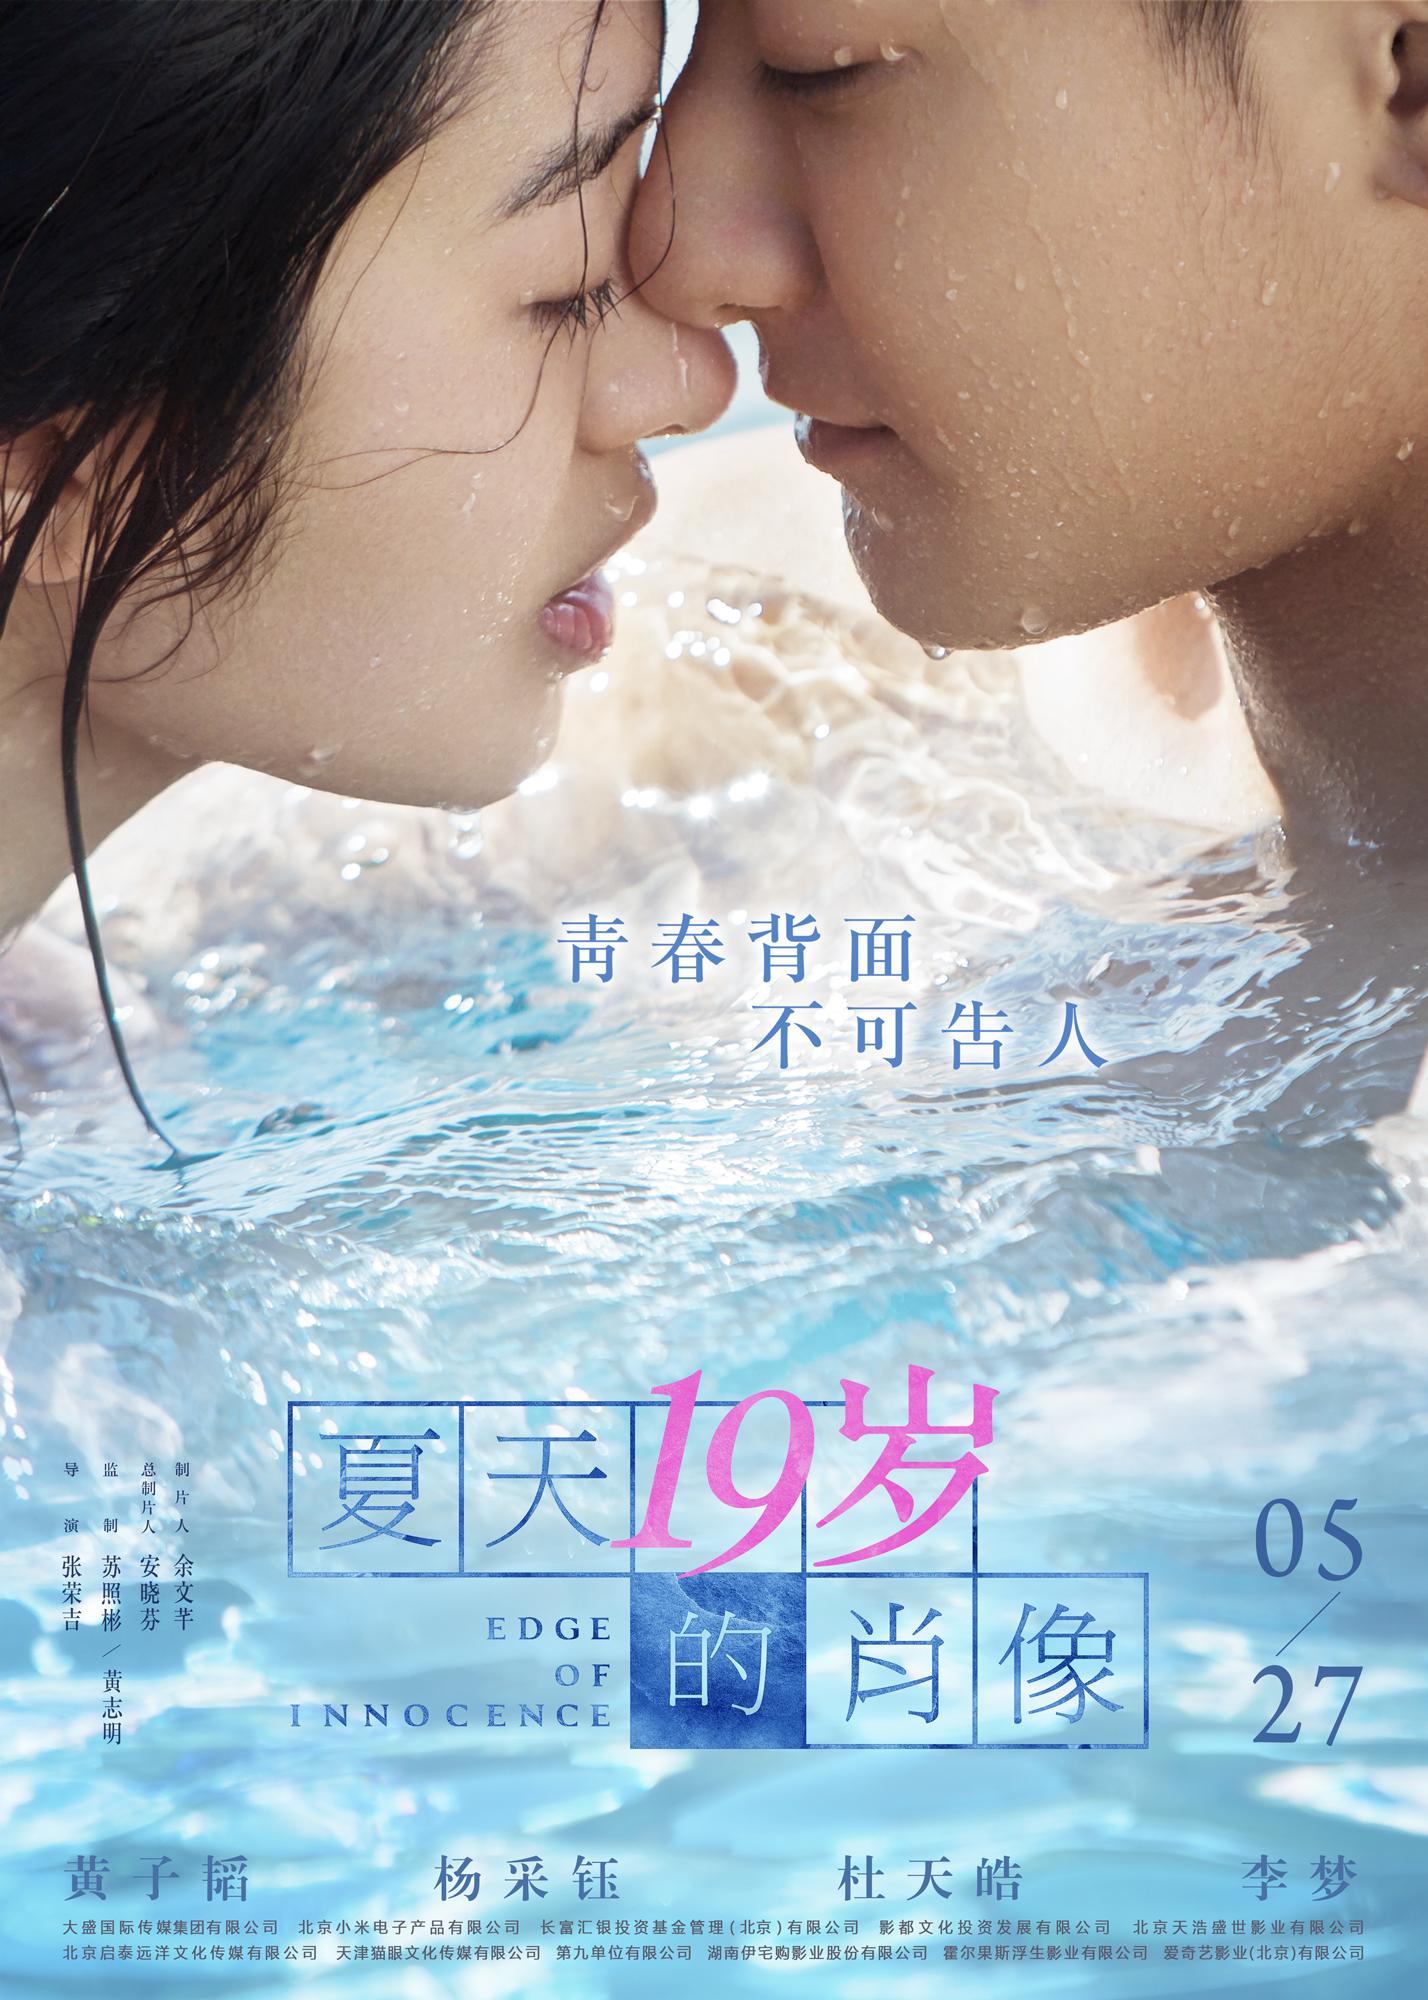 《夏天19岁的肖像》今日公映 曝演员黄子韬特辑